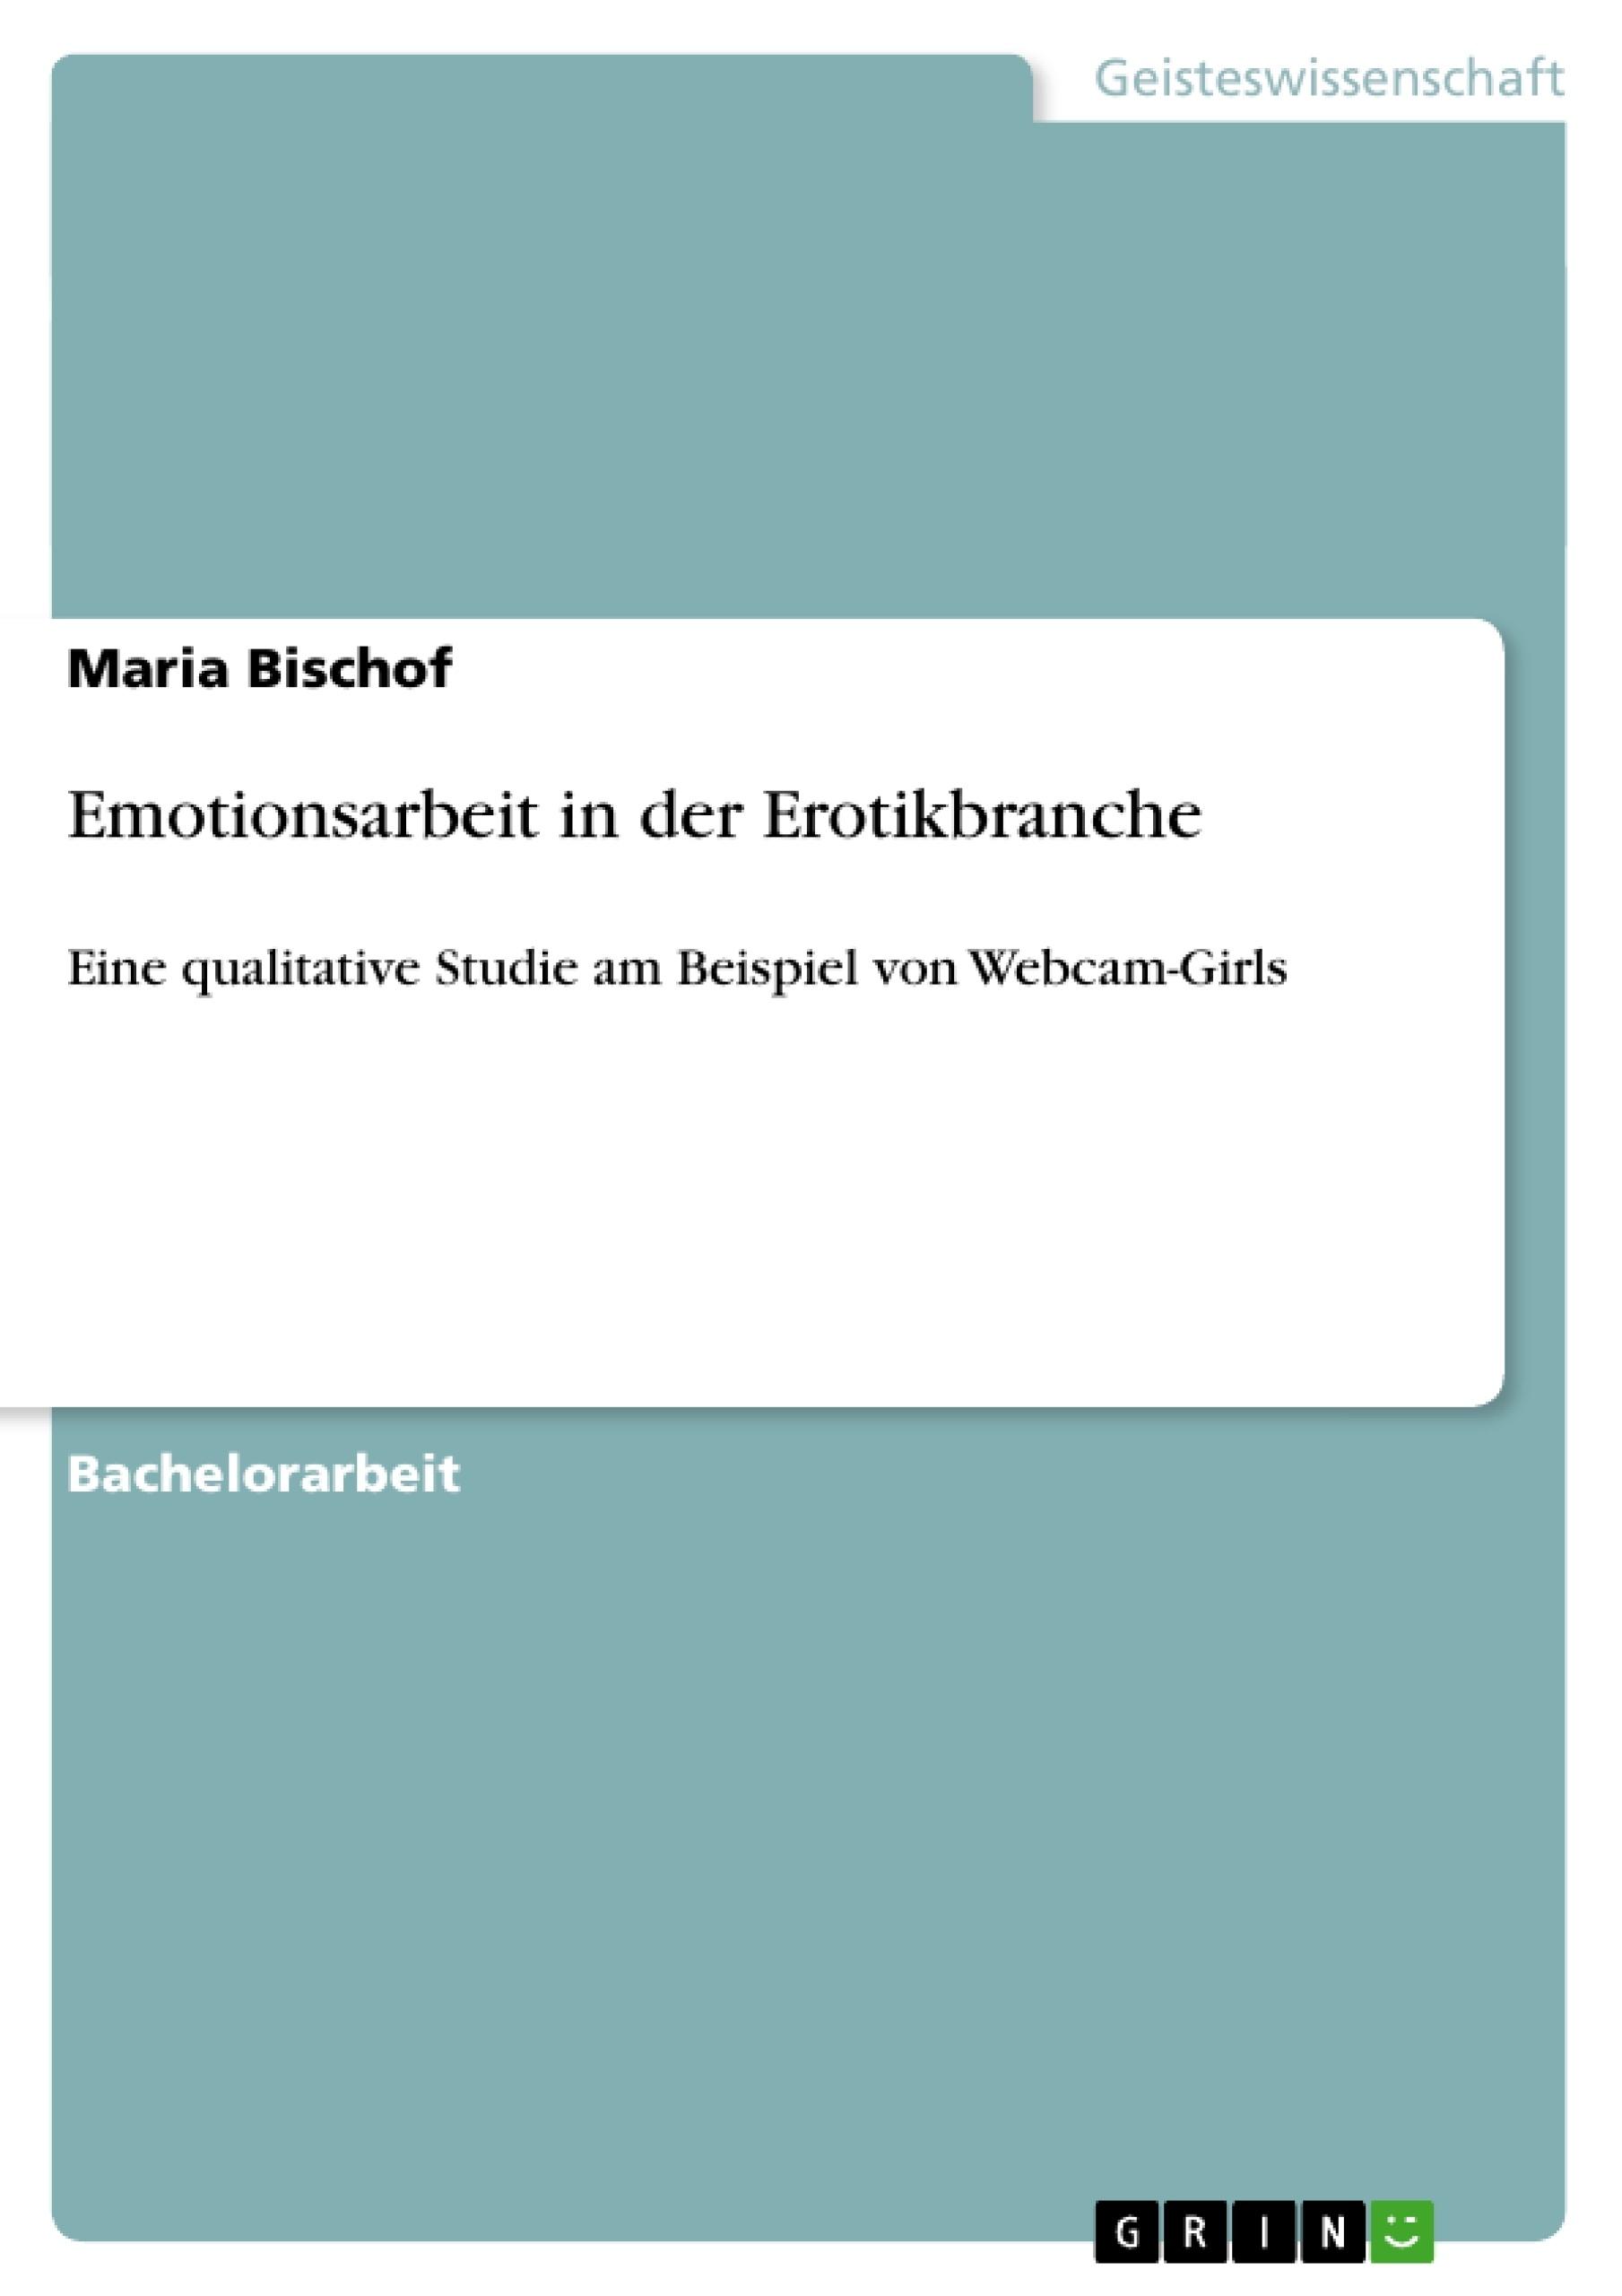 Titel: Emotionsarbeit in der Erotikbranche